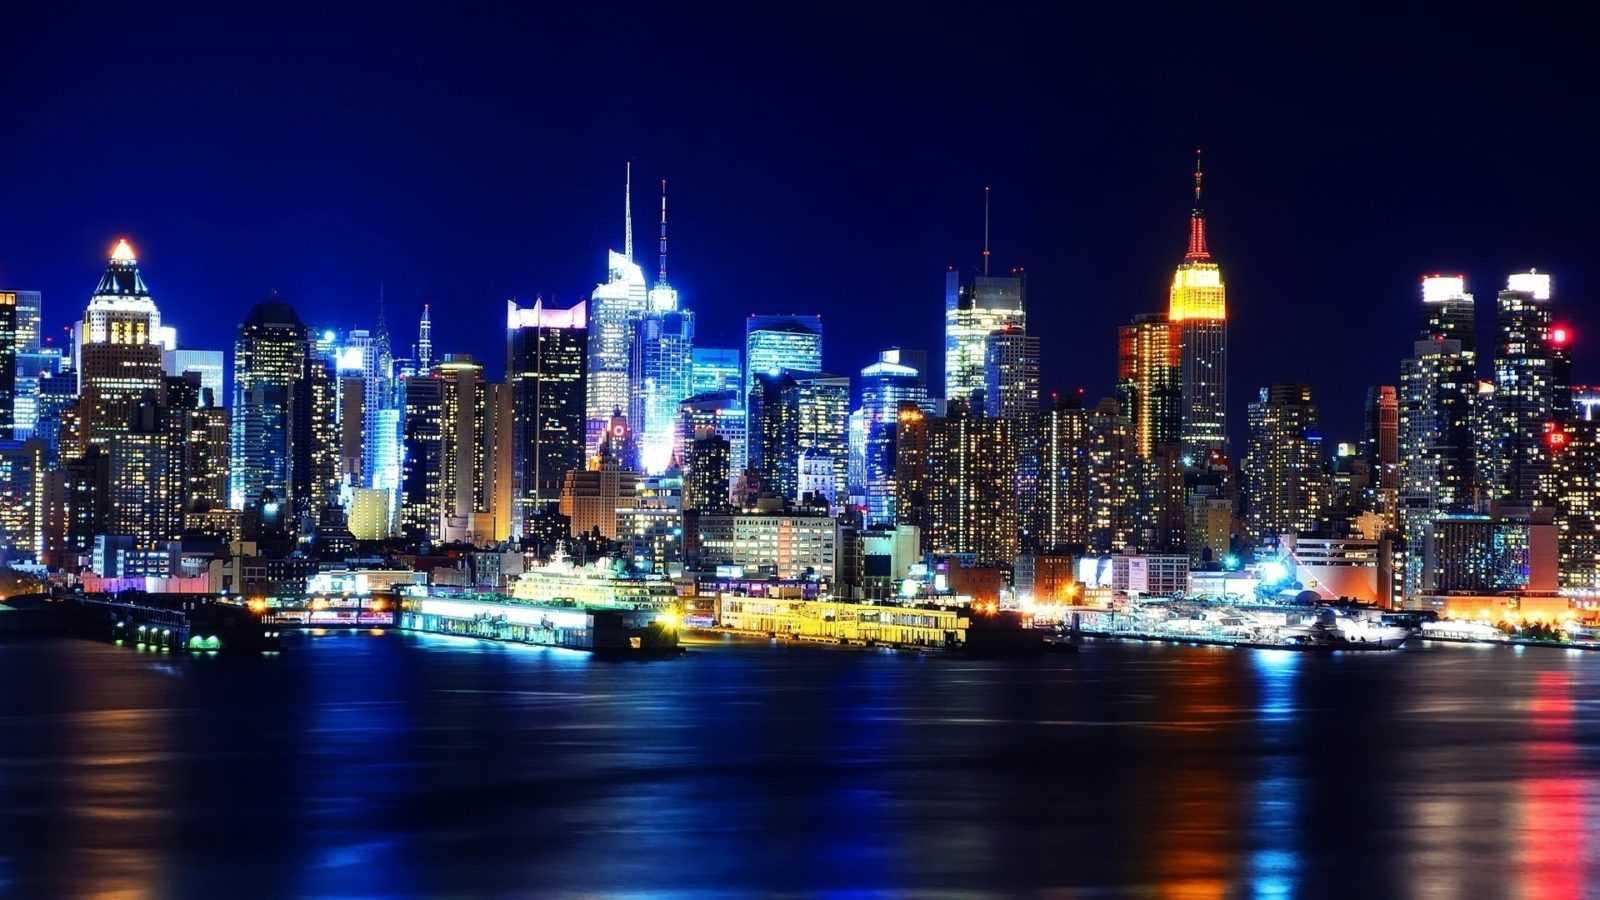 Фотография города Нью-Йорк ночью